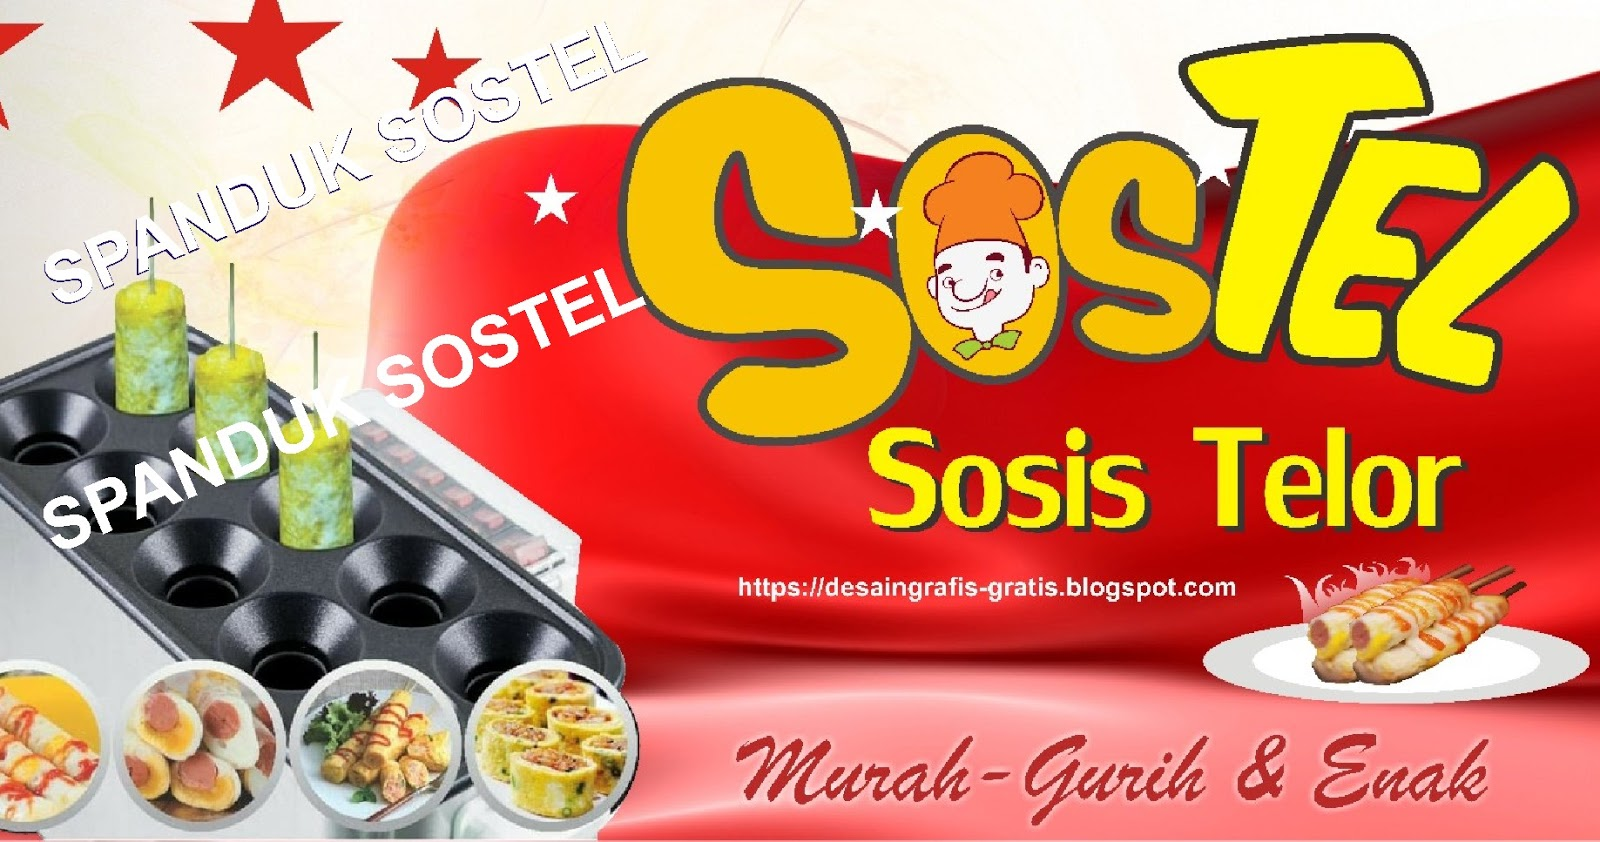 Download Desain Spanduk Sostel Terbaru (.cdr) - DESAIN ...